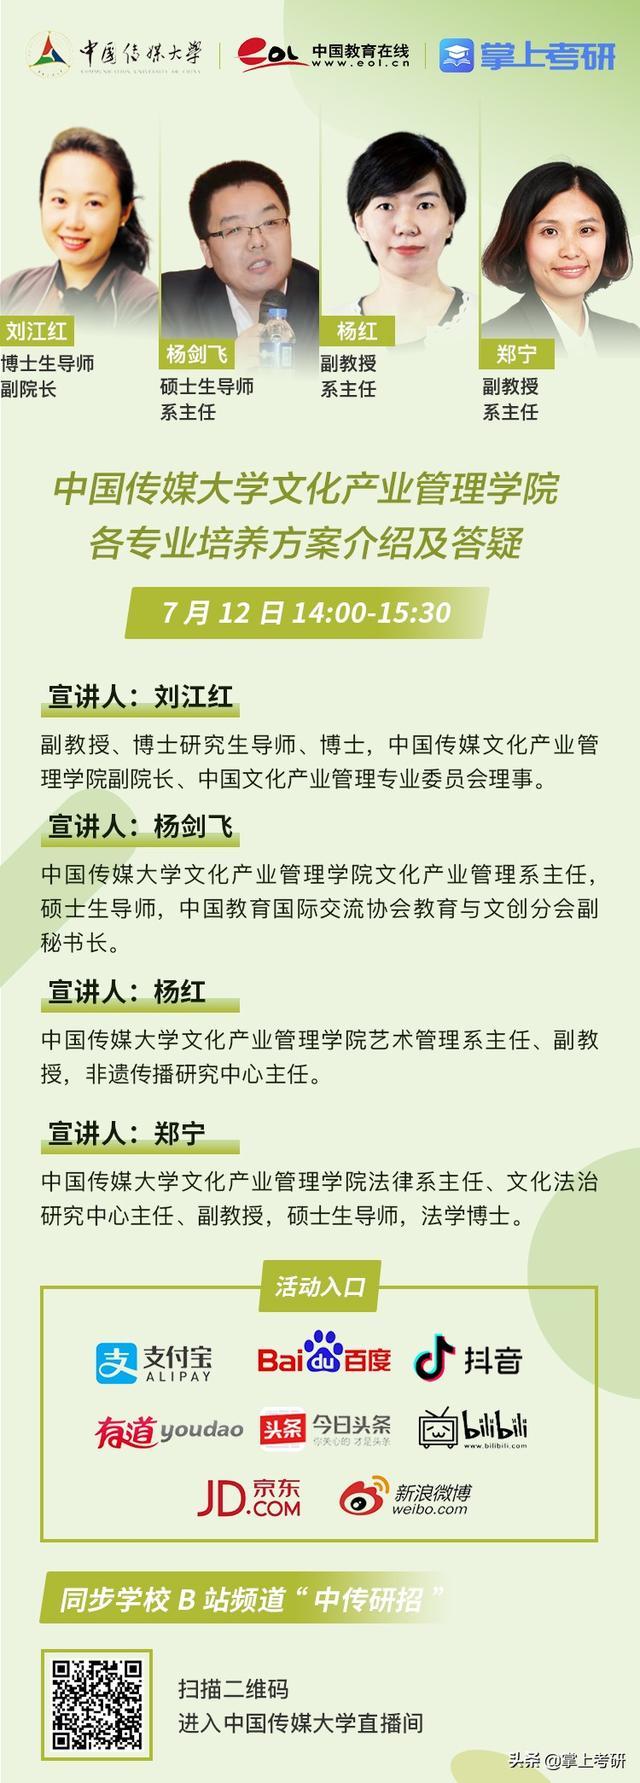 【工程检测员技能培训费用】7月12日至16日,中国传媒大学2021年研究生招生宣讲会即将召开